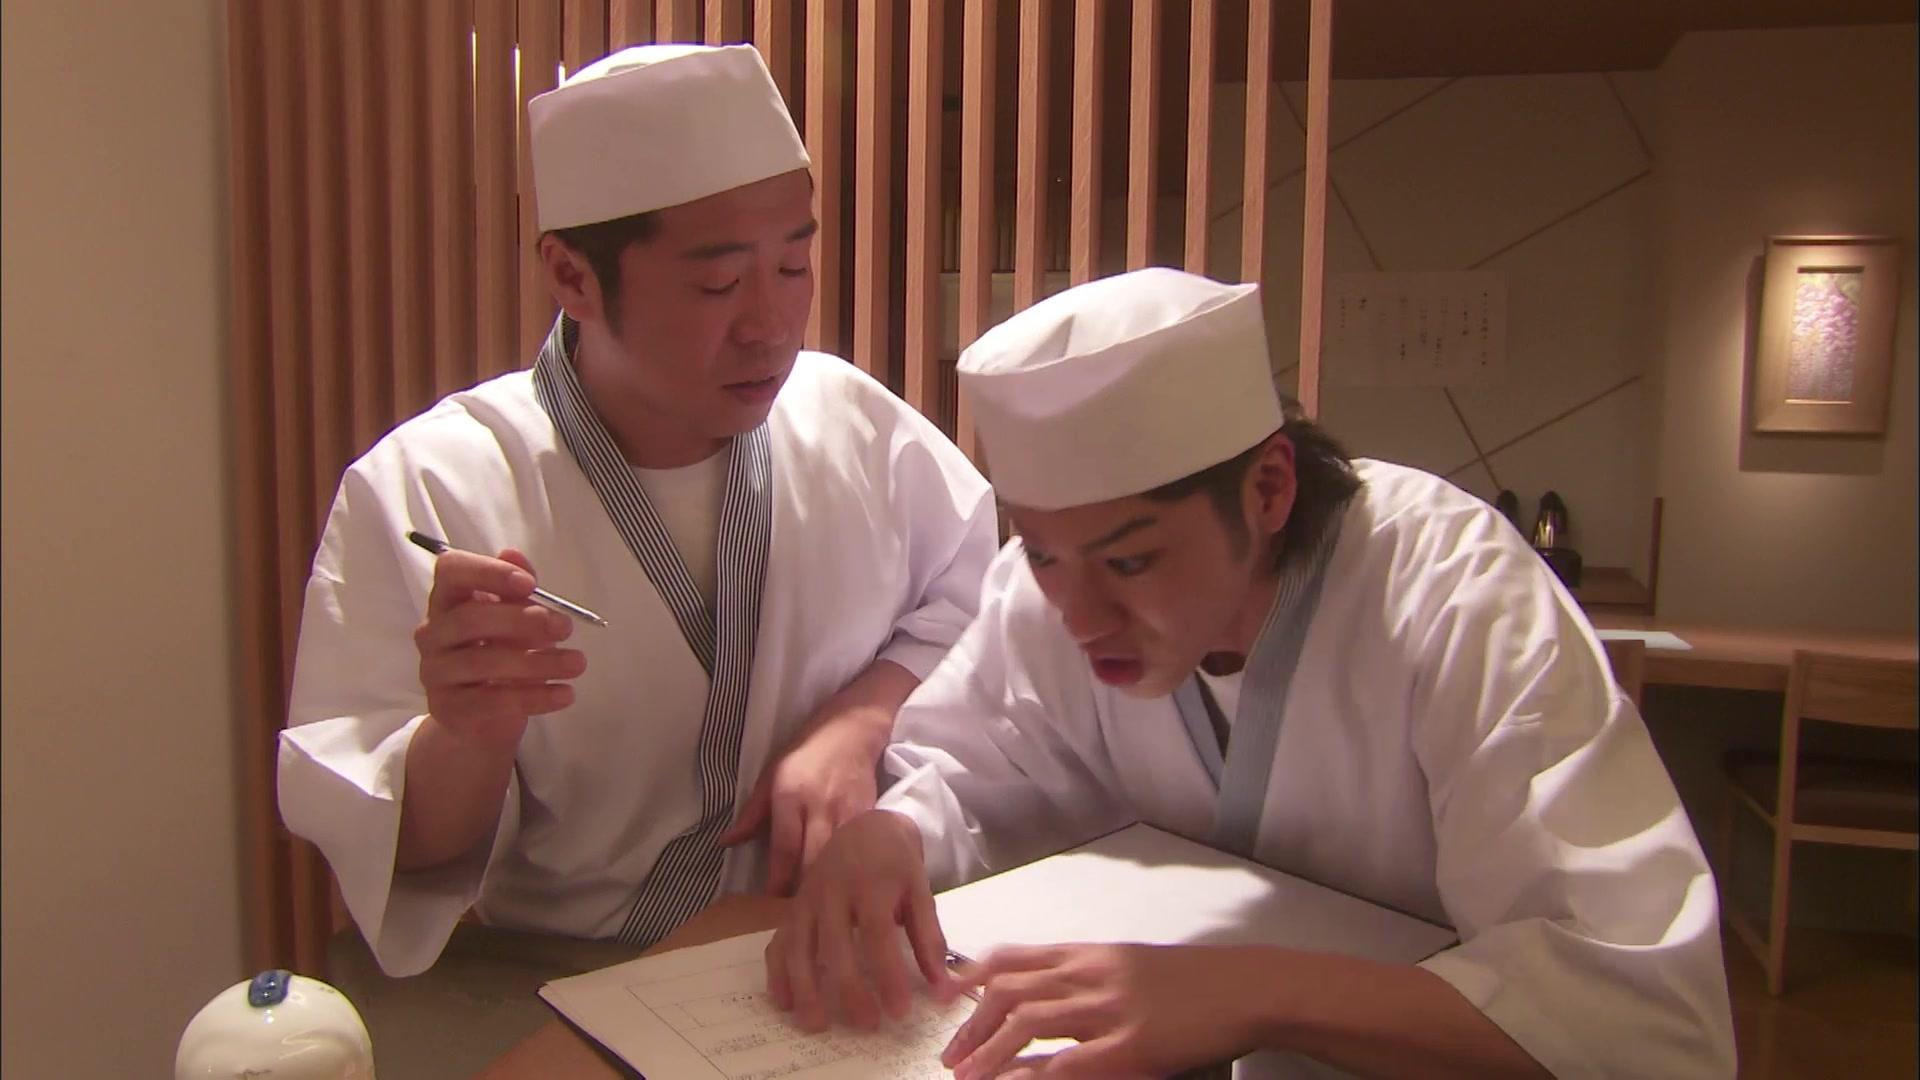 Mischievous Kiss - Love in Tokyo Episode 11, My Sweetheart is Santa